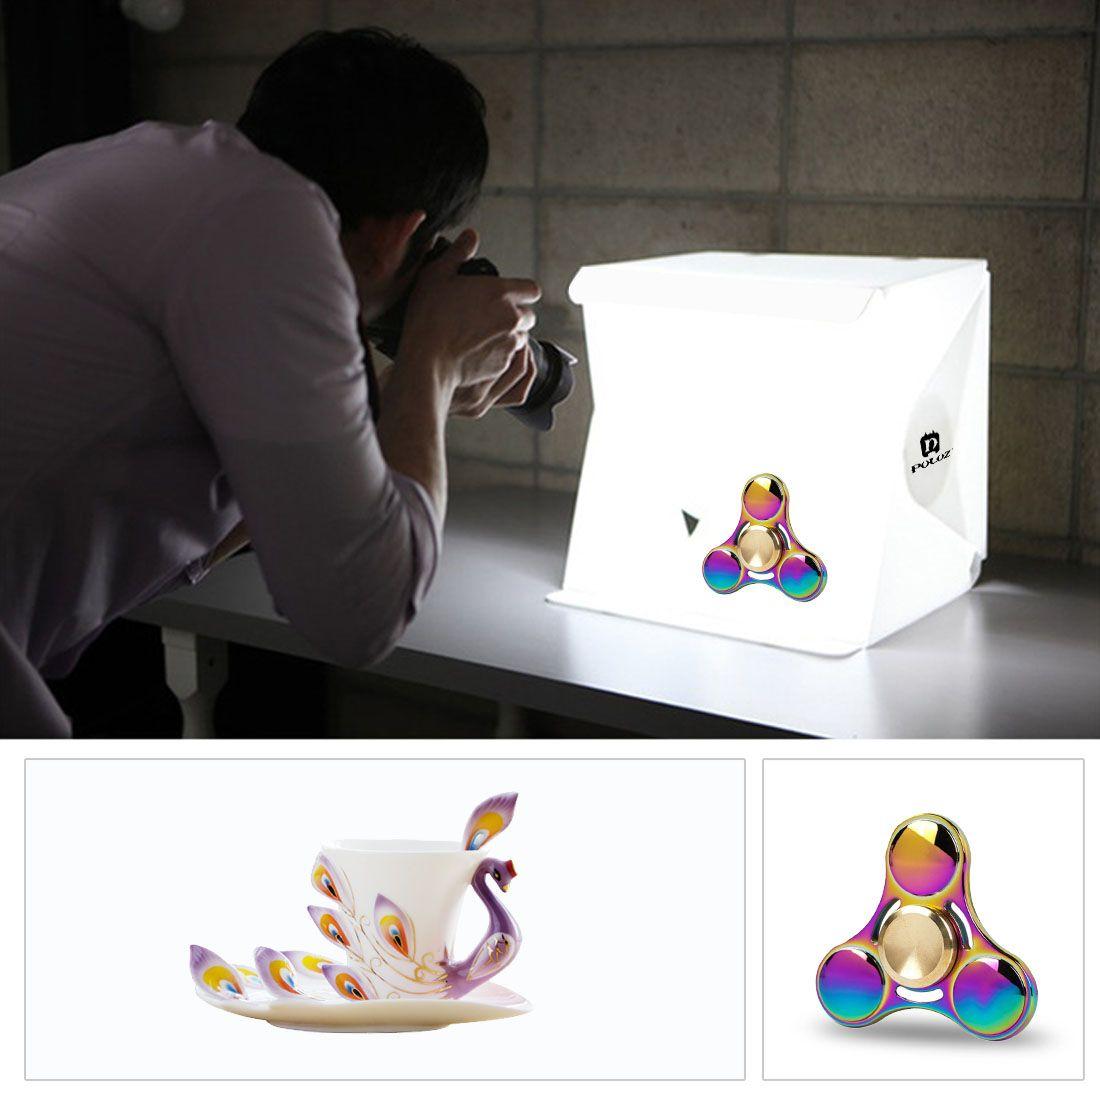 Enviar 7 Cores Acessórios Profissionais Mini Foto Photo Studio Caixa de Estúdio Portátil Iluminação Backdrop Built-in Light Photo Impermeável Estúdio